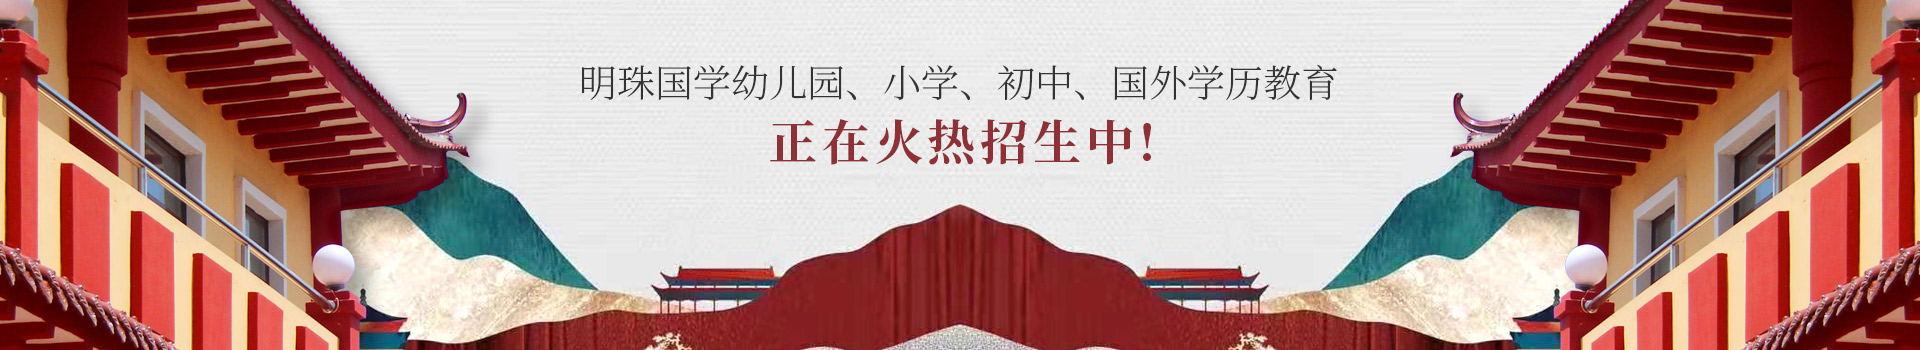 明珠国学幼儿园、小学、初中、国外学历教育正在火热招生中